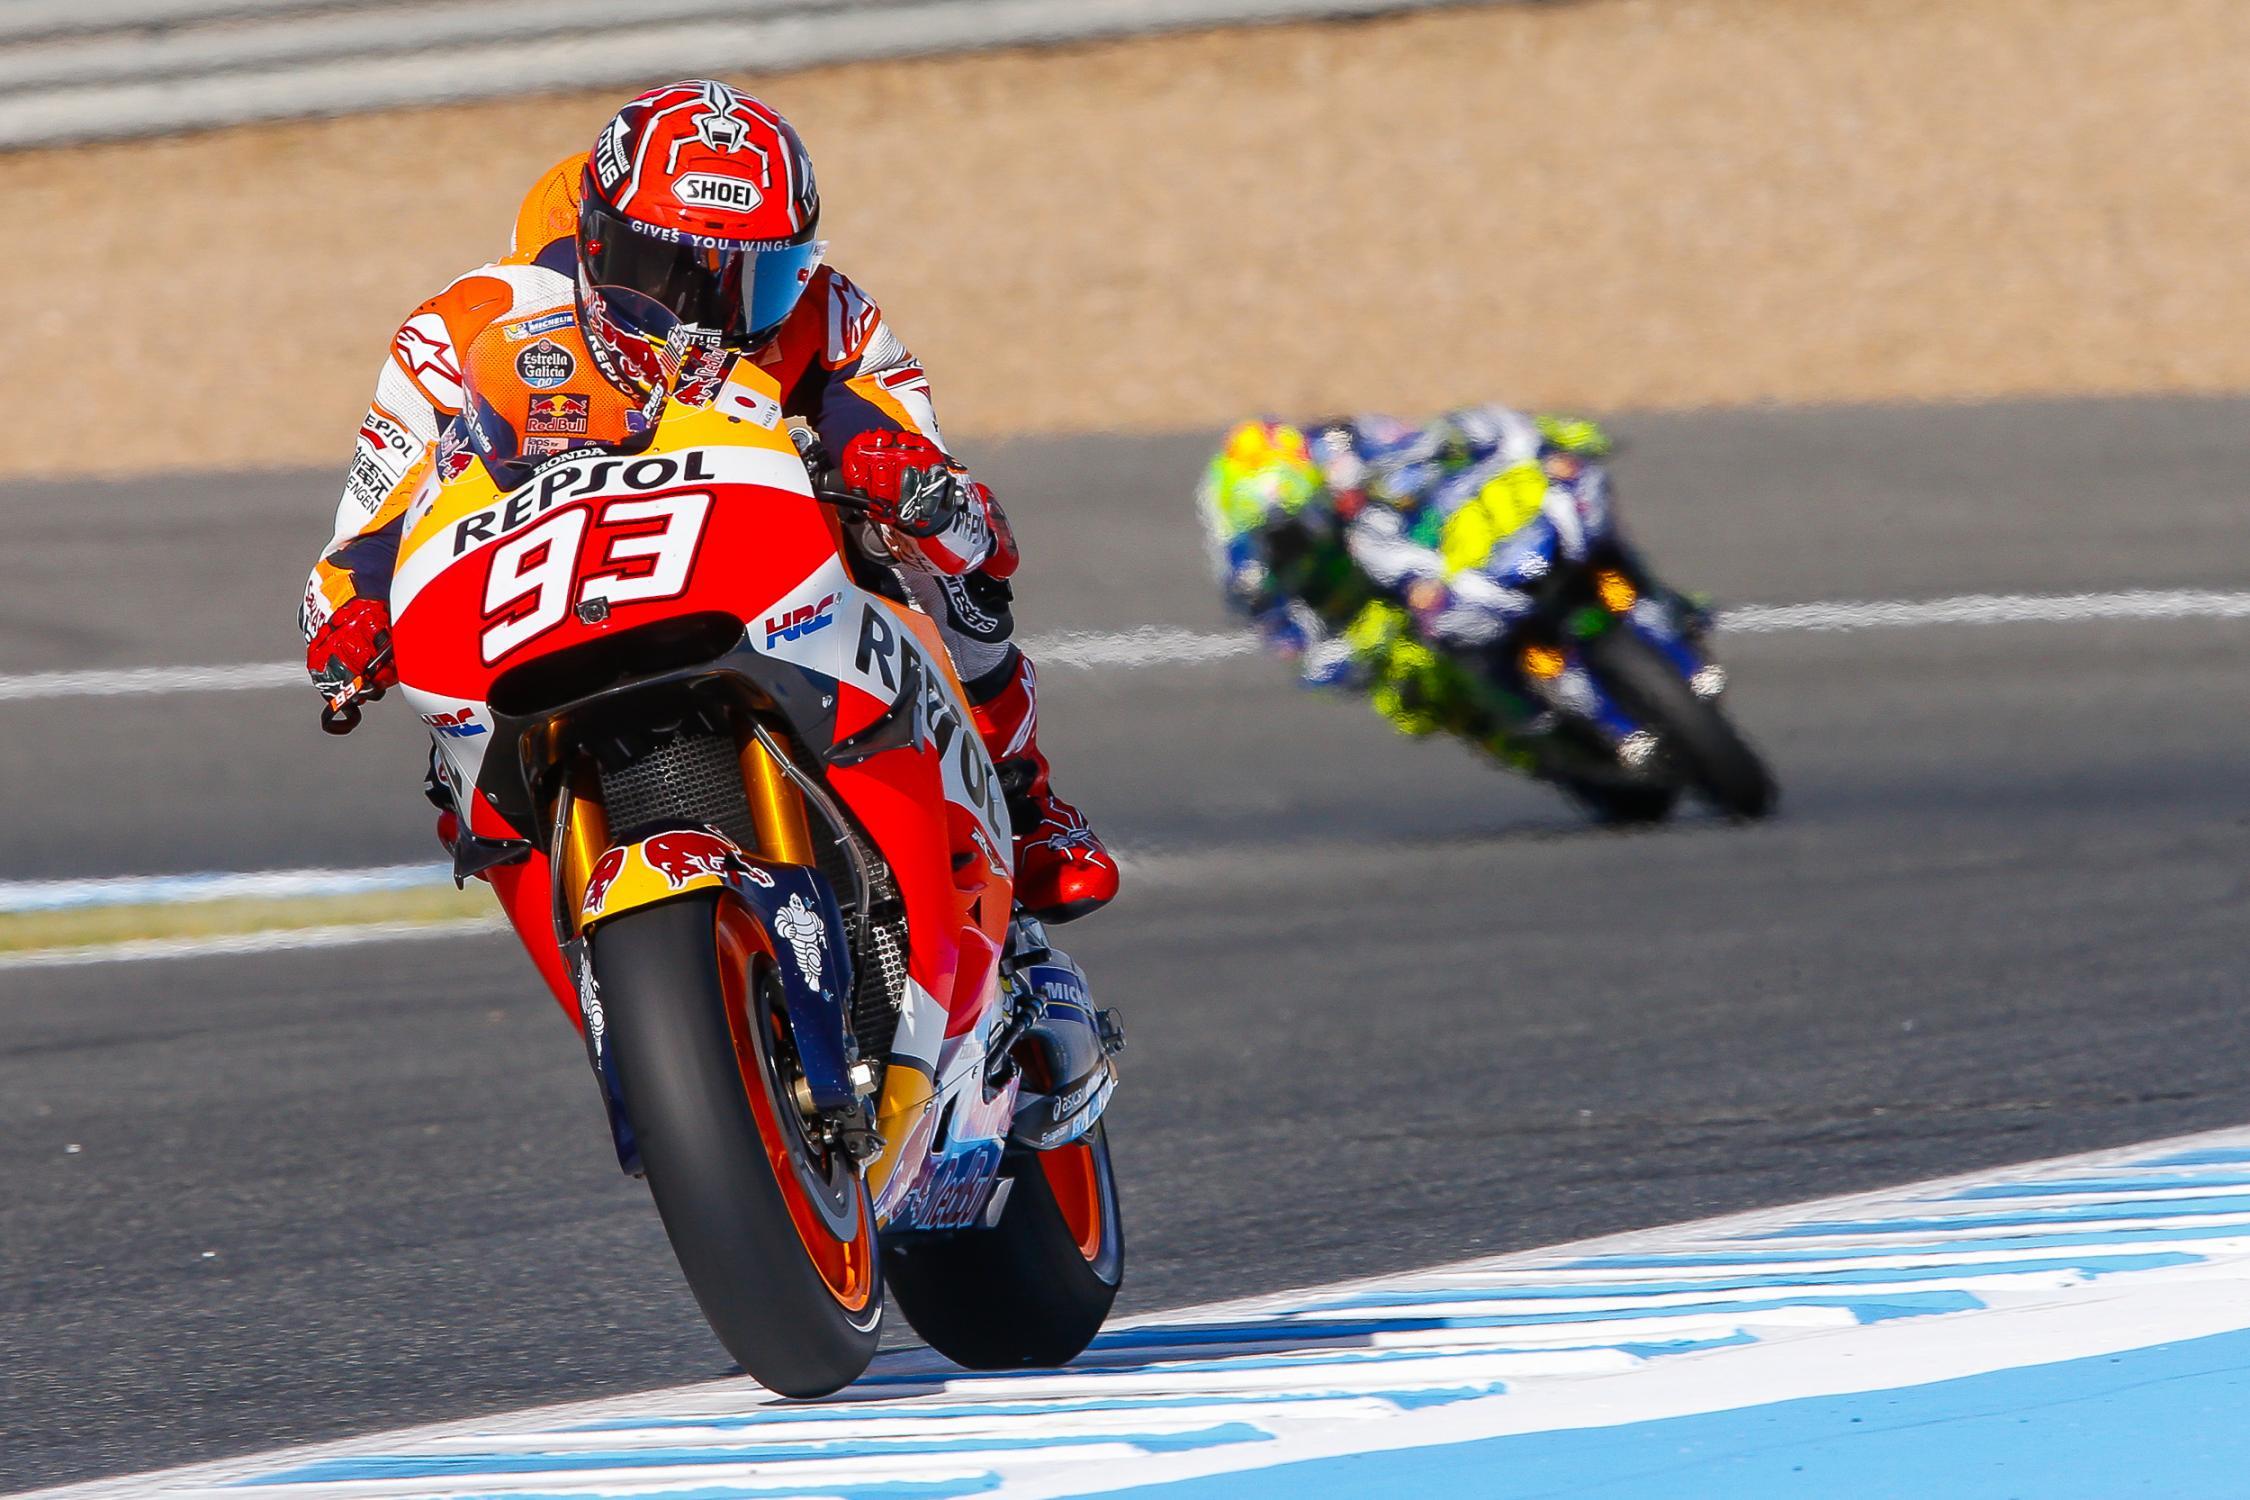 [GP] Jerez 93-marc-marquez-esp_gp_8392.gallery_full_top_fullscreen